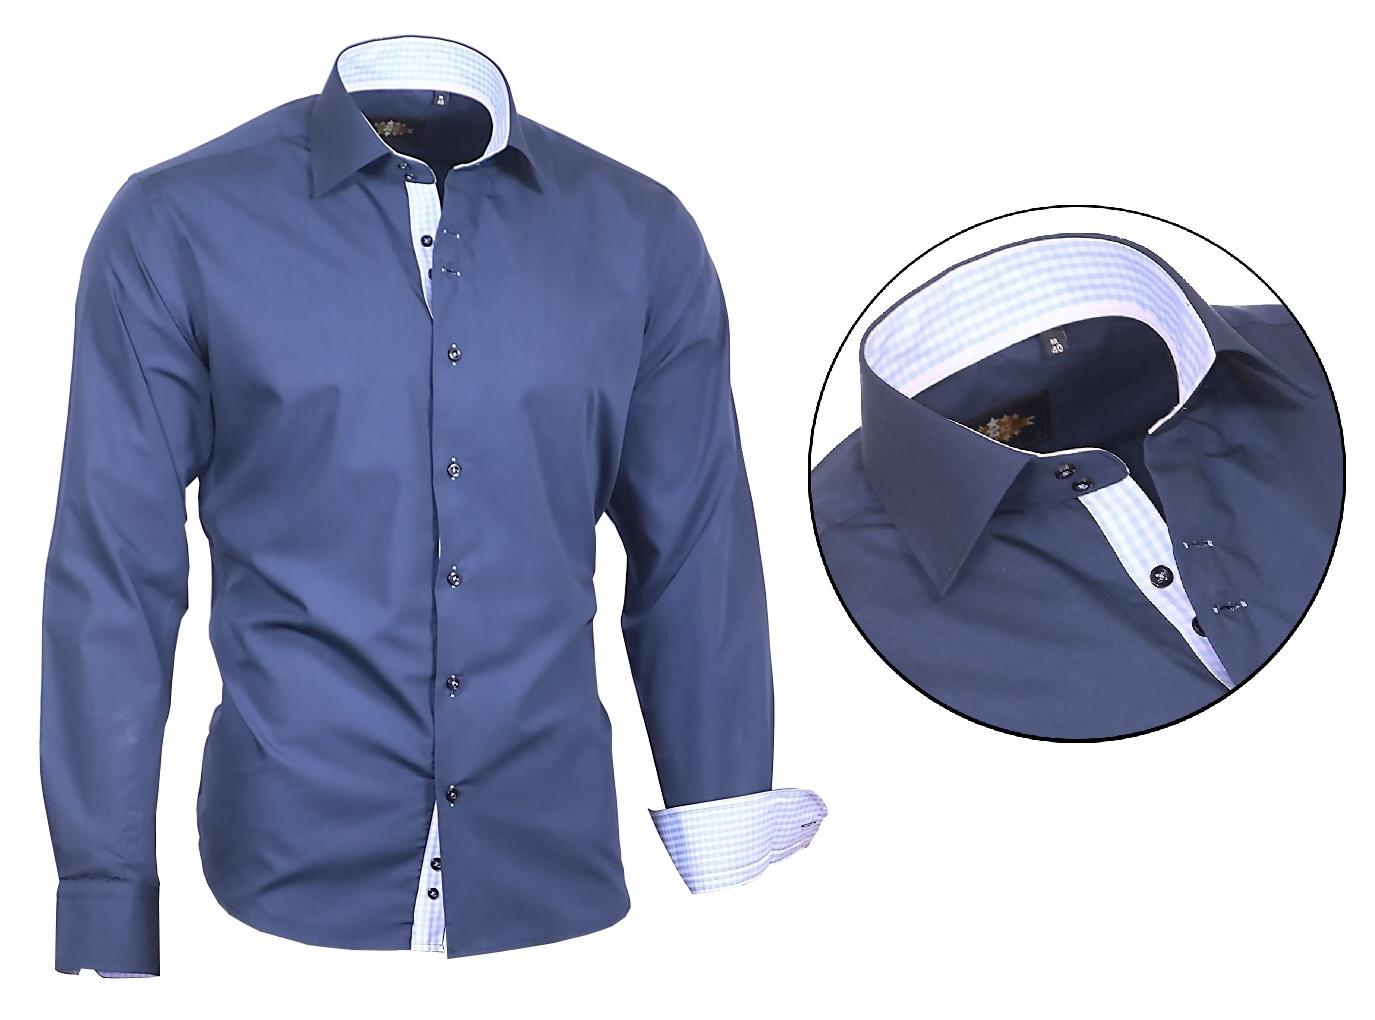 Camisa-camisa-camisas-camisa-Ober-camisa-boda-viga-reticulada-de-Luxe-823-807